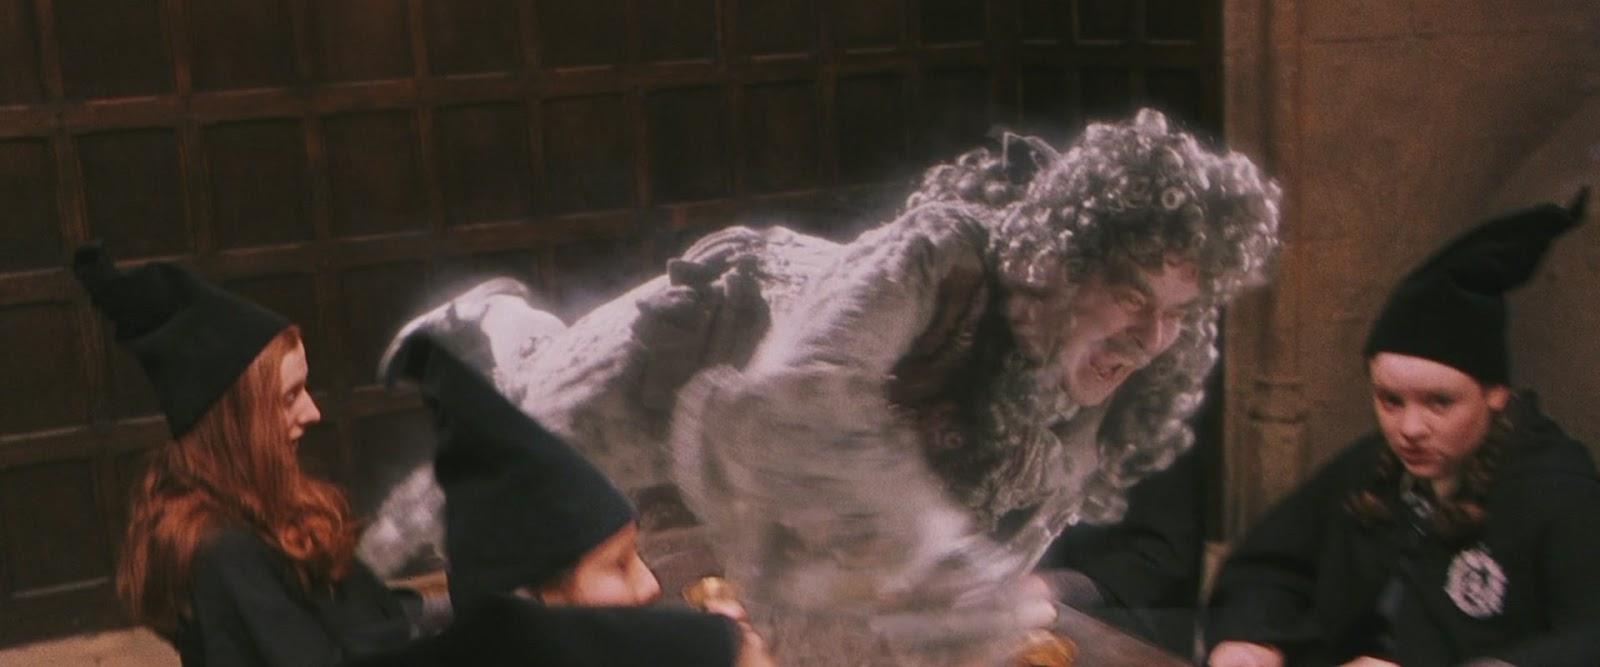 Bruxo do Mês de Abril: Barão Sangrento | Ordem da Fênix Brasileira